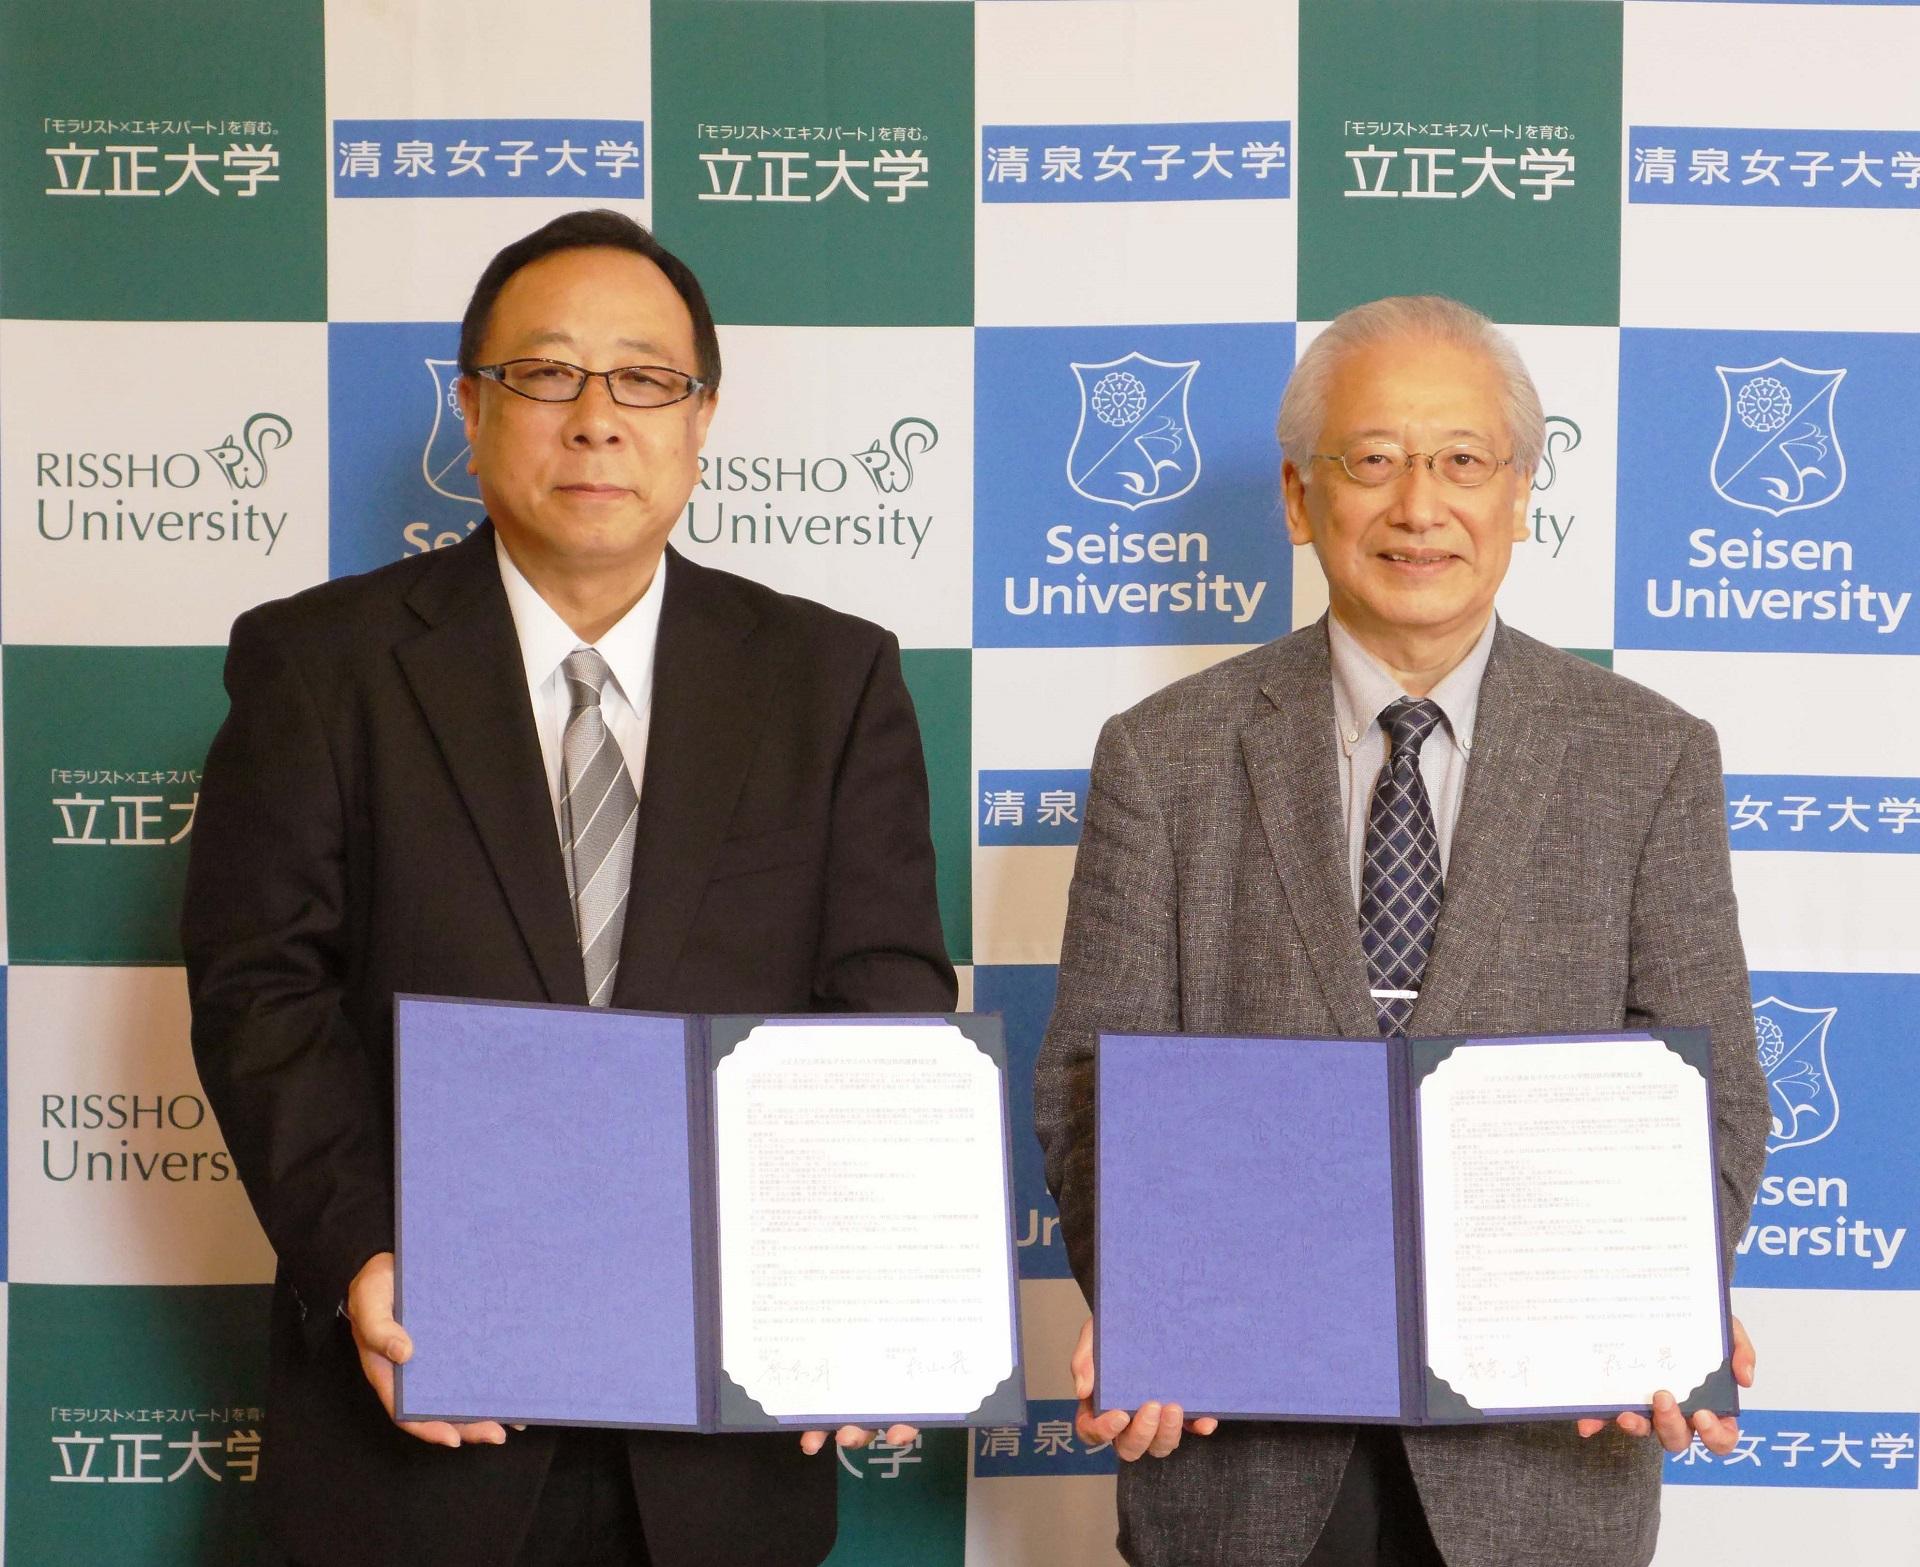 立正大学と清泉女子大学が包括連携協定を締結 -- 仏教系総合大学とキリスト教系女子大学の連携による新たな創造と価値 --